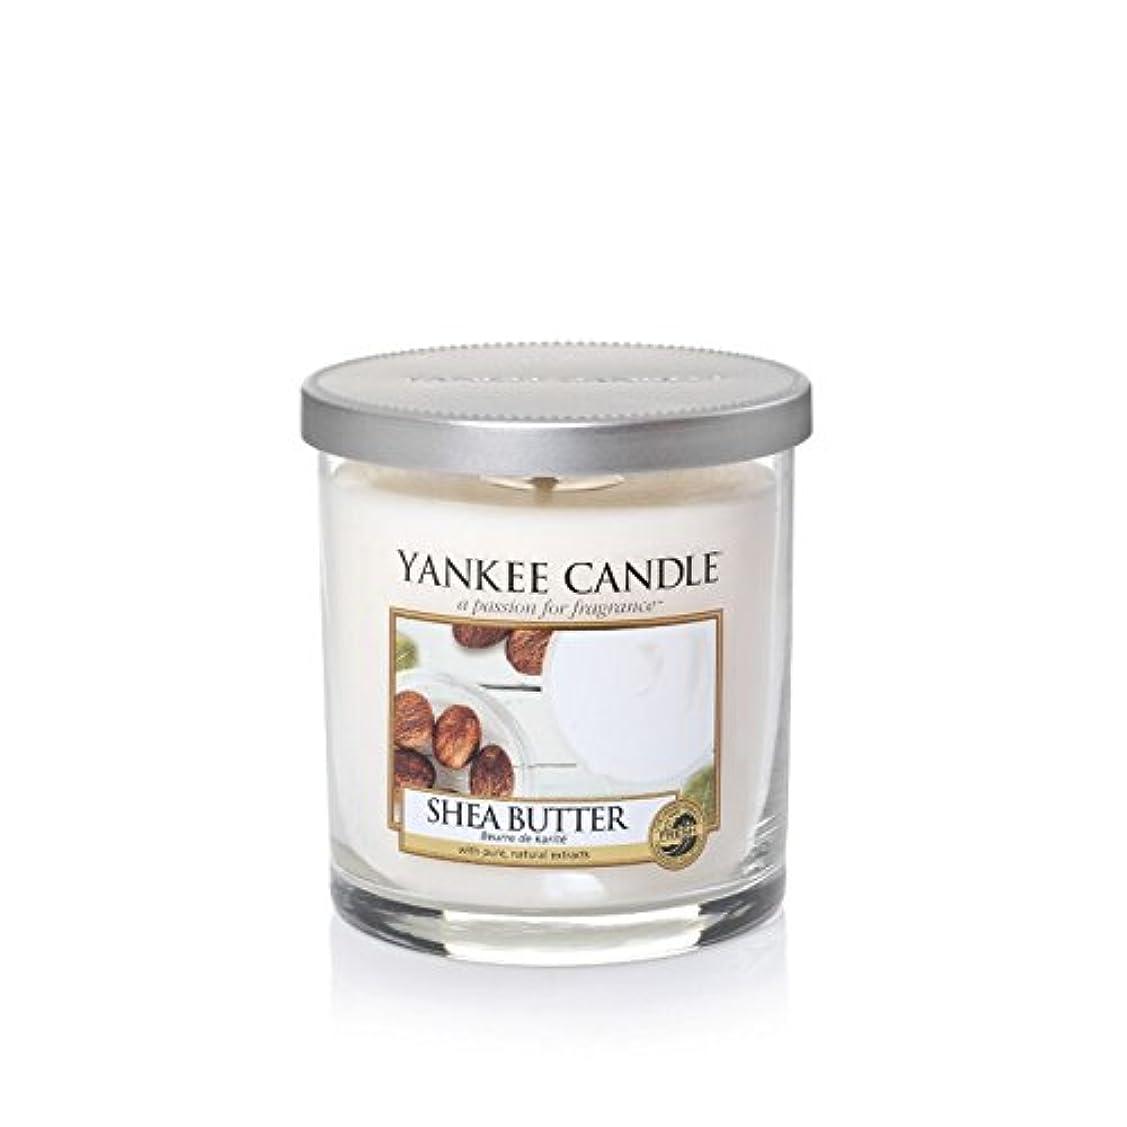 鋭く素朴な落胆したヤンキーキャンドルの小さな柱キャンドル - シアバター - Yankee Candles Small Pillar Candle - Shea Butter (Yankee Candles) [並行輸入品]